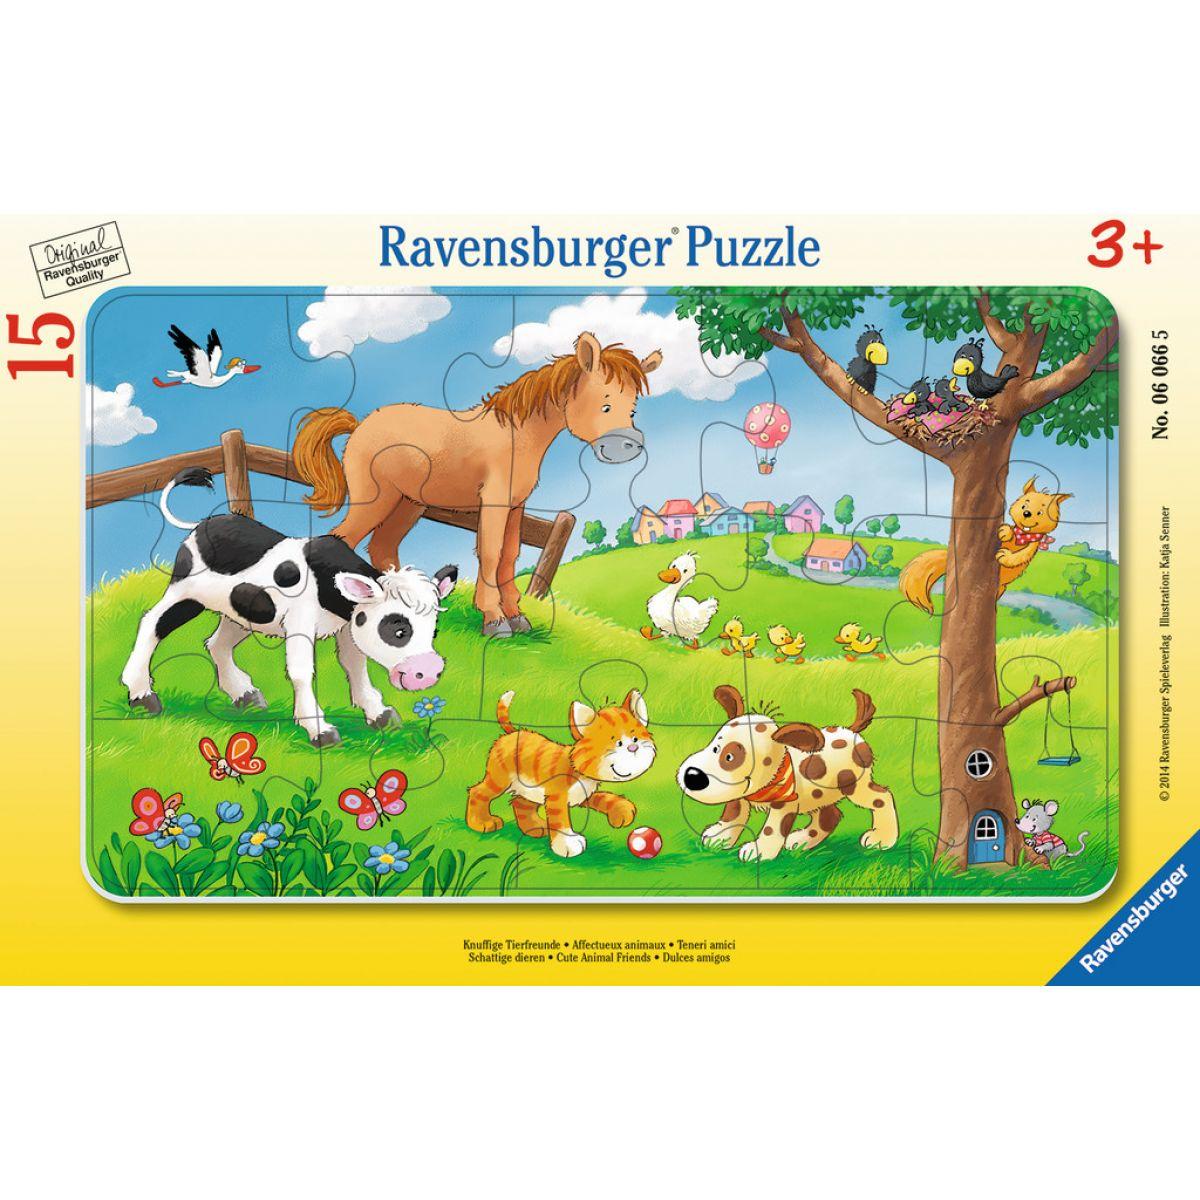 Ravensburger Plyšoví zvířecí kamarádi 15 dílků